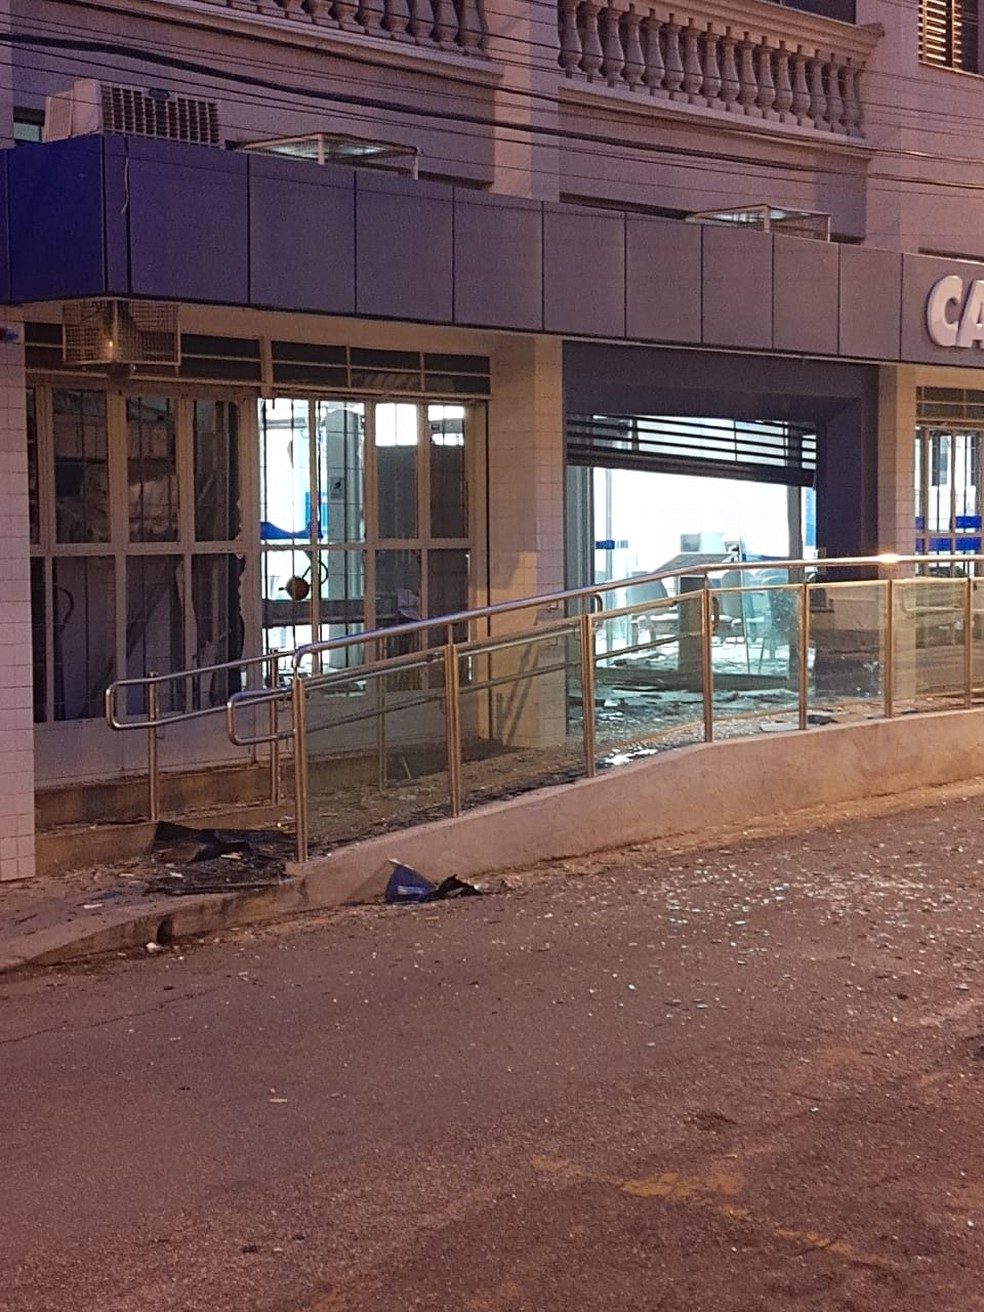 Criminosos explodiram caixas eletrônicos em São Gonçalo do Sapucaí (MG) — Foto: Alô Alô Cidade